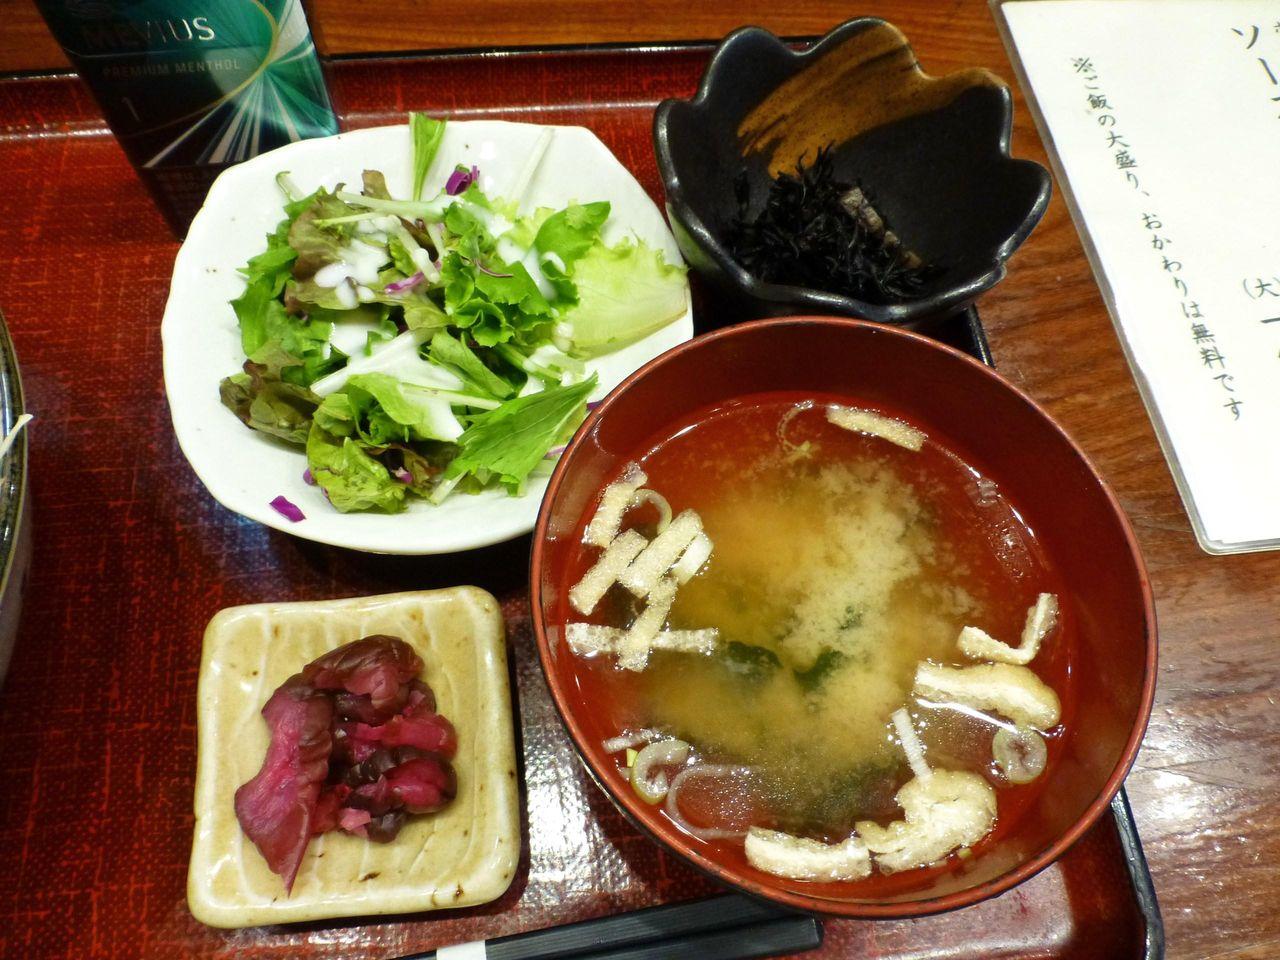 サラダ、漬物、ひじき、みそ汁も付いています!